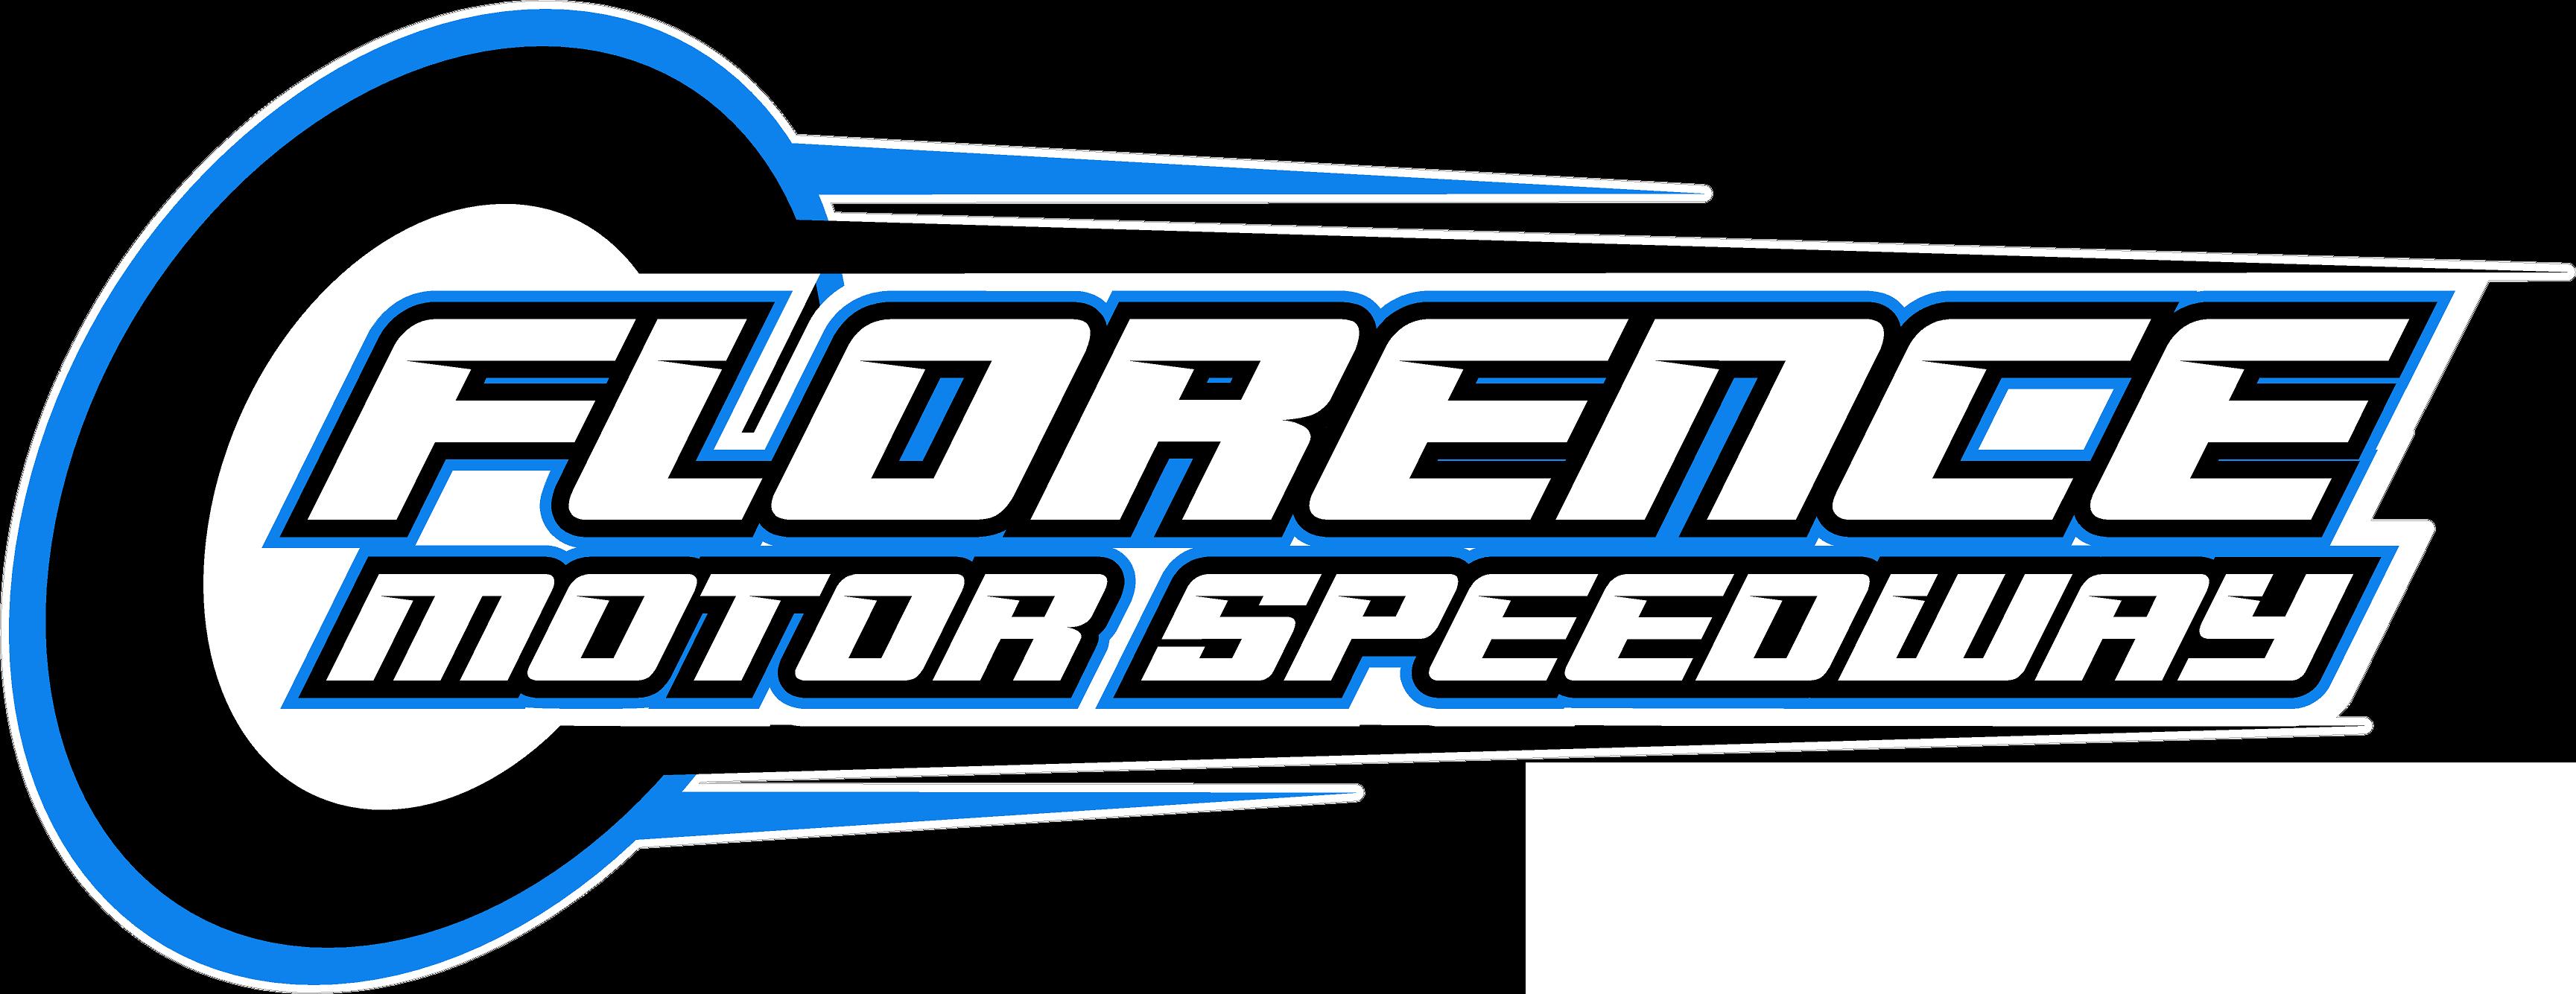 Florence Motor Speedway